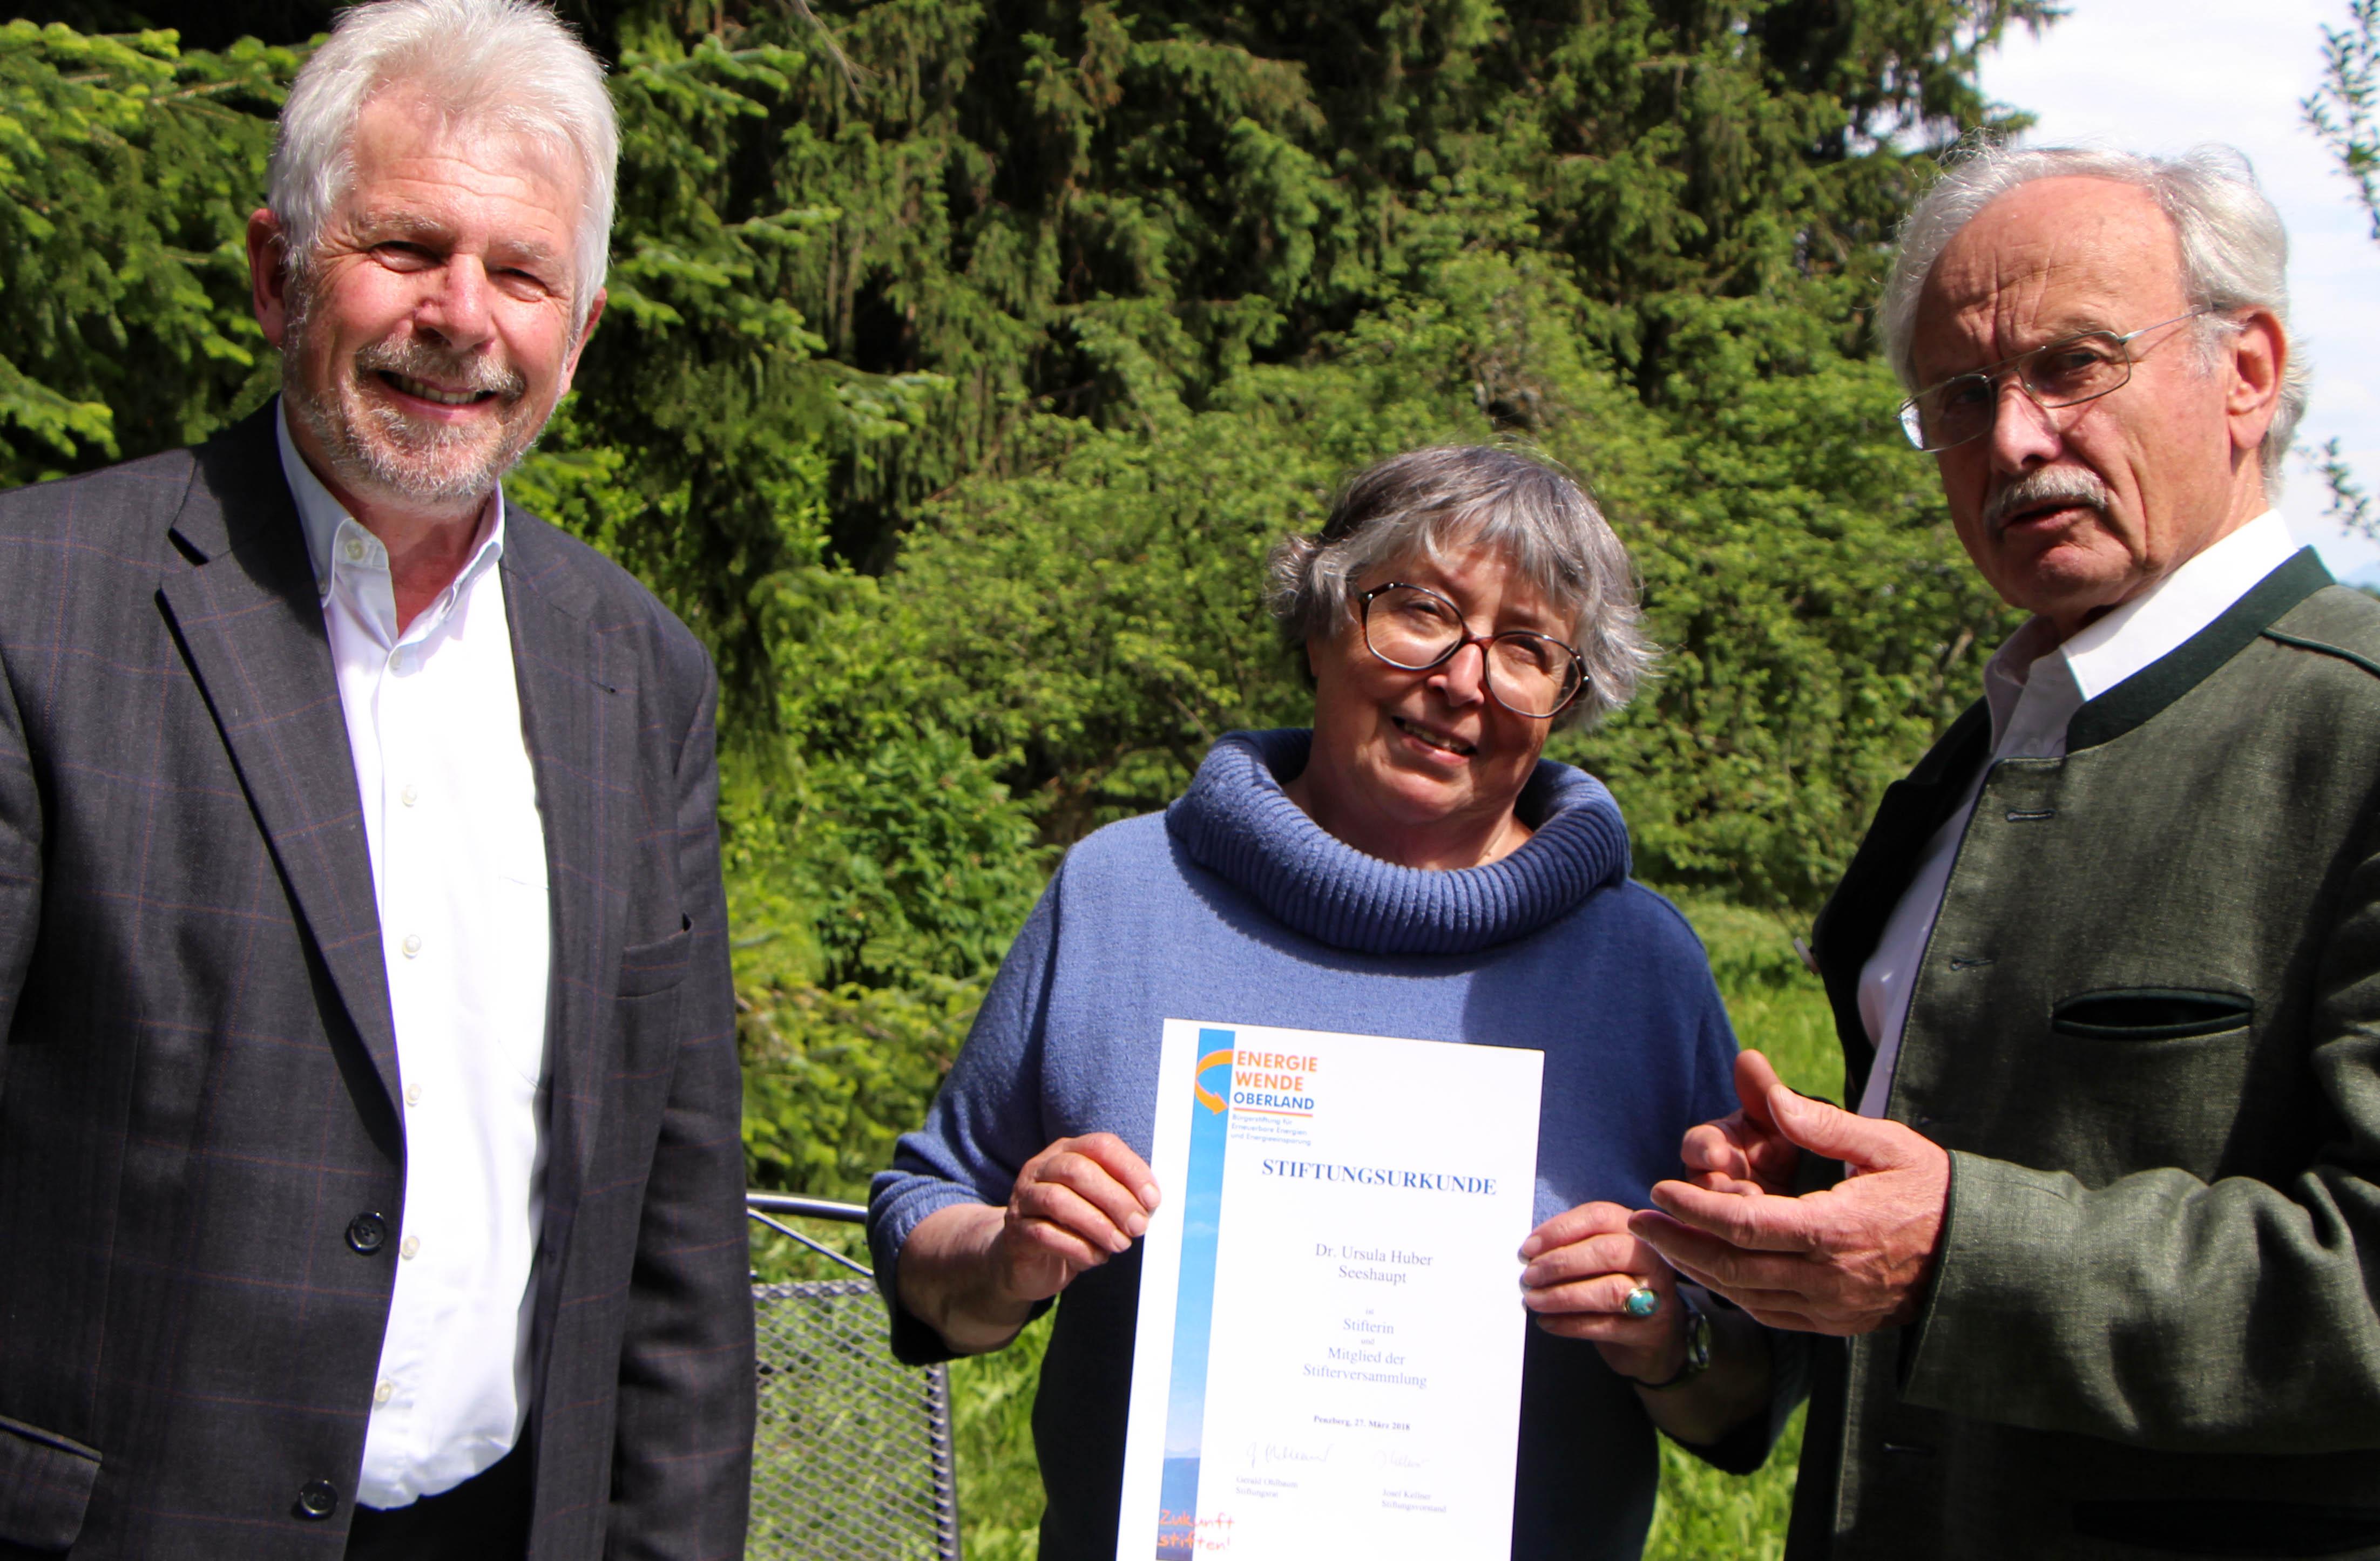 Josef Kellner (Vorstandsvorsitzender) und Gerald Ohlbaum (Vorsitzender Stiftungsrat) überreichen Frau Dr. Ursula Huber die Urkunde als 250ste Stifterin von Energiewende Oberland